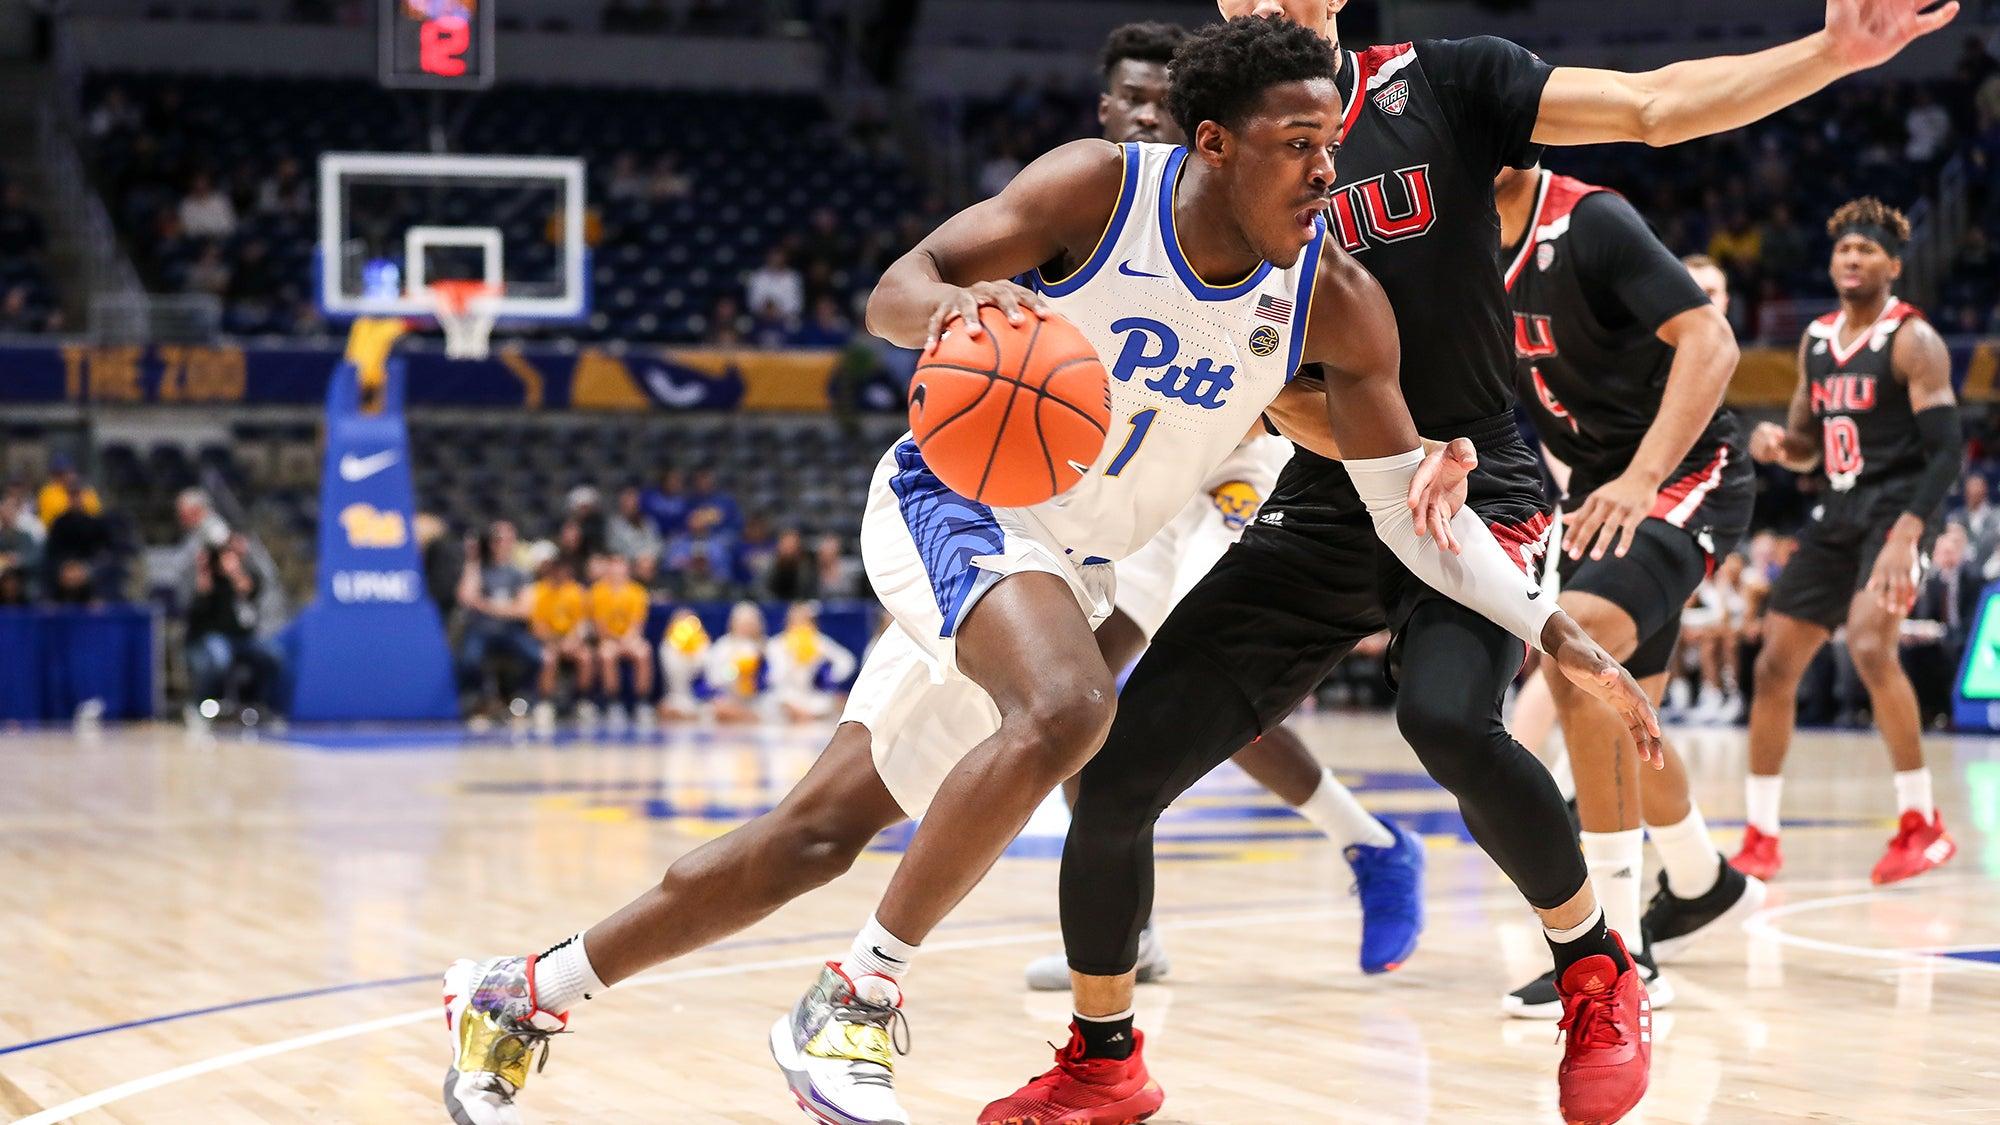 Pitt Men's Basketball vs Gardner Webb